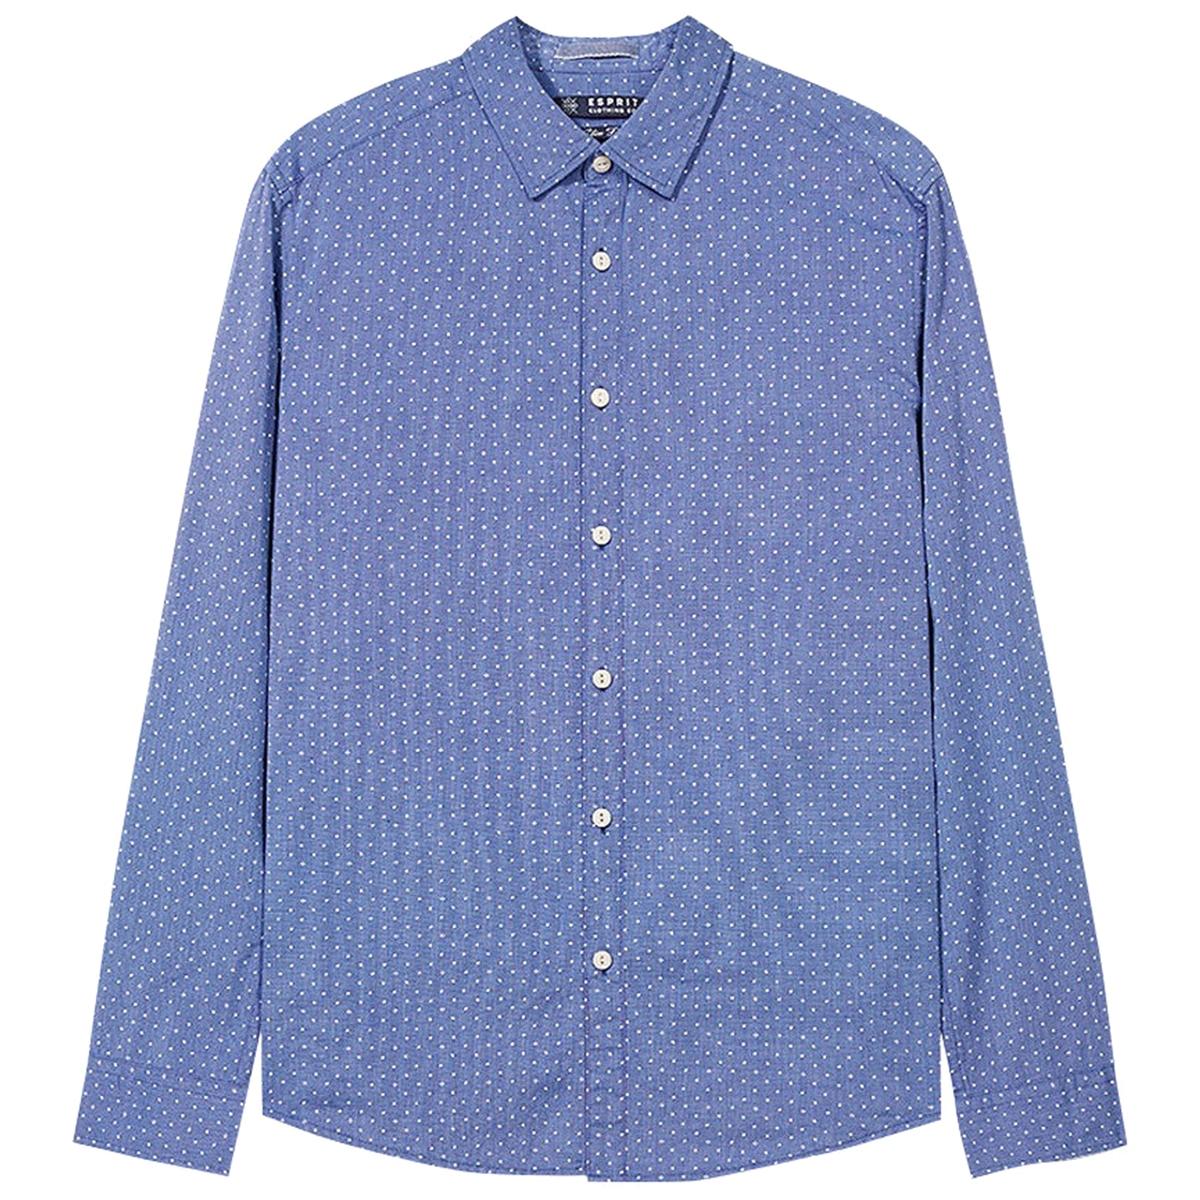 Рубашка в горошекРубашка прямого покроя. Воротник со свободными уголками. Длинные рукава.  Состав и описаниеМатериал          100% хлопокМарка          ESPRITУходМашинная стирка при 30 °С с вещами схожих цветовСтирать и гладить с изнаночной стороныМашинная сушка в умеренном режимеГладить при низкой температуре<br><br>Цвет: синий<br>Размер: XXL.XL